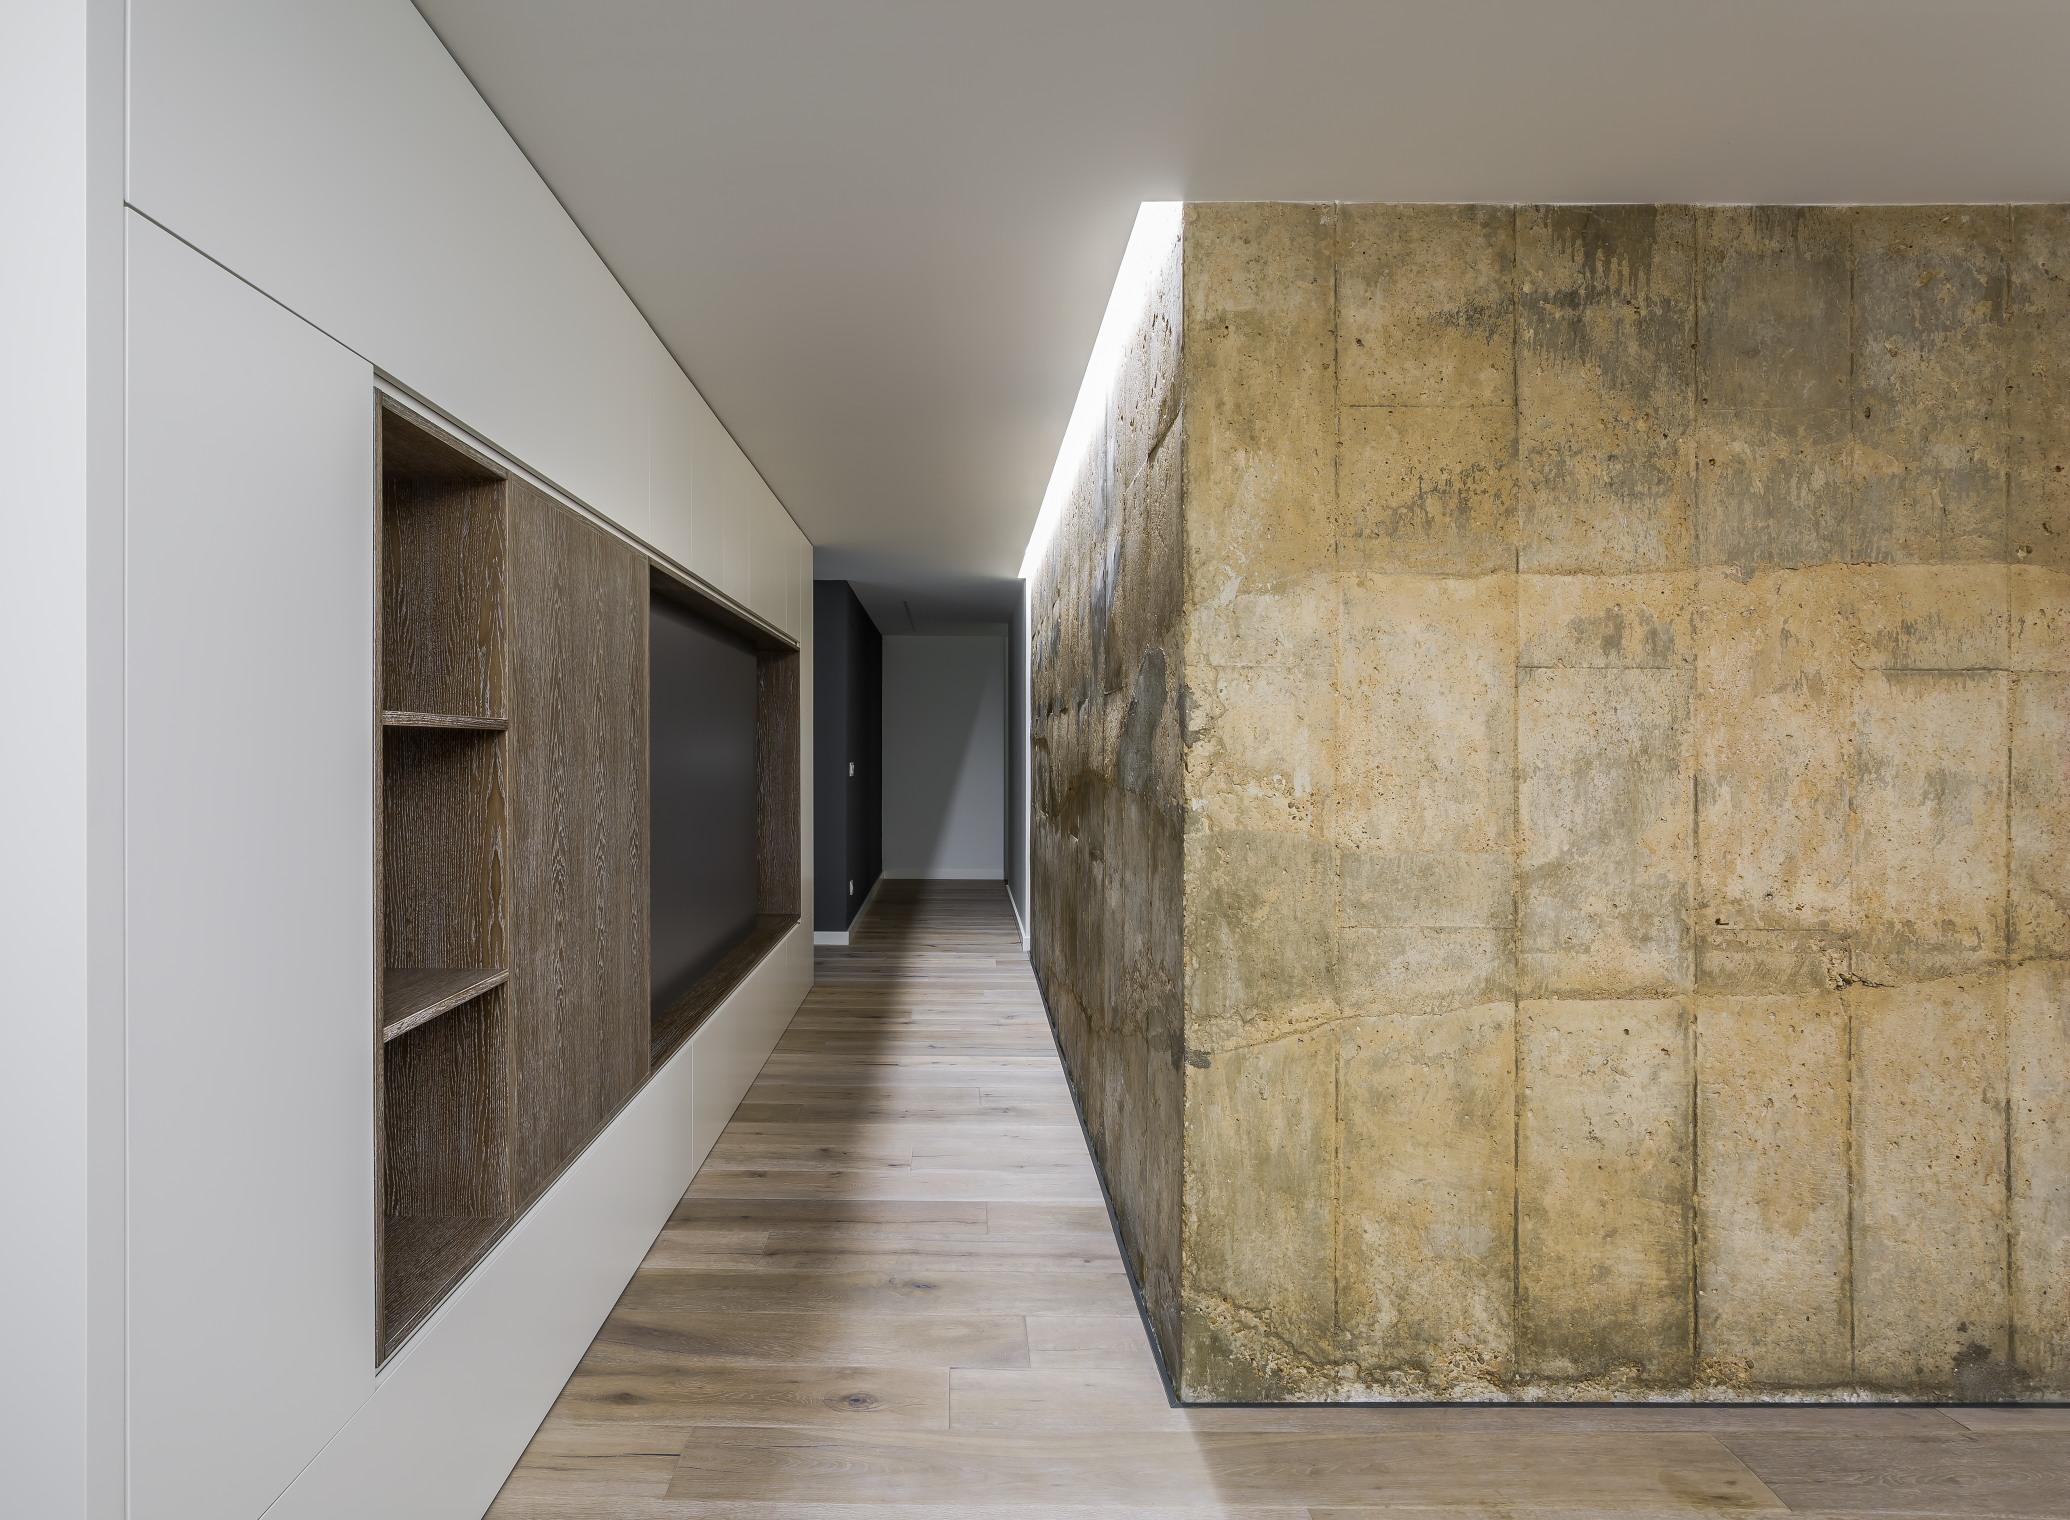 fotografia-arquitectura-valencia-german-cabo-ambau-gordillo (18)